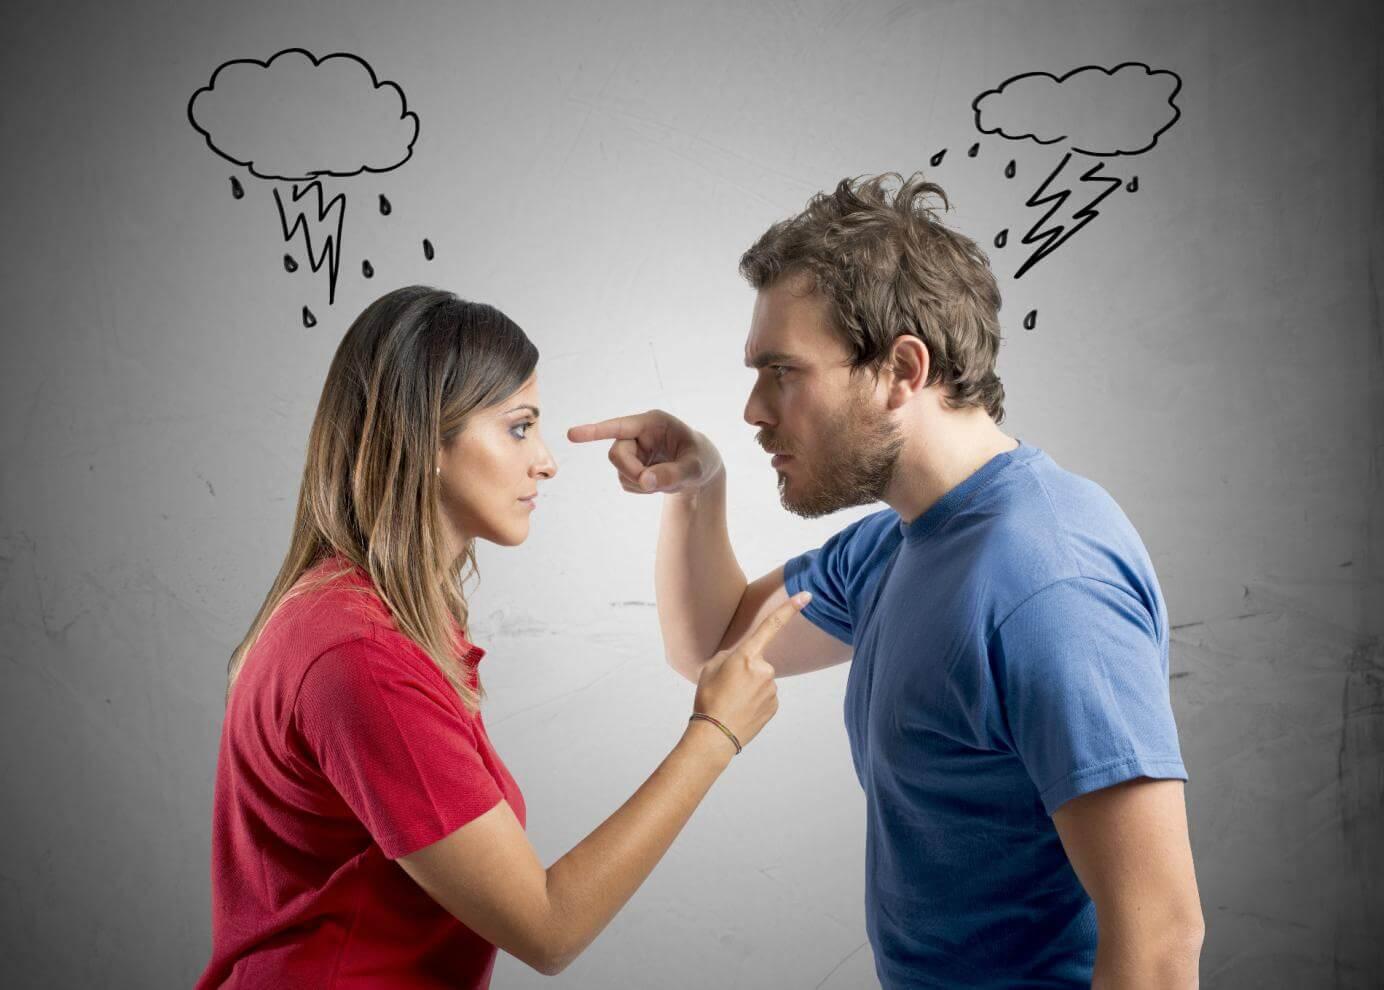 Pareja discutiendo y reprochándose cosas.